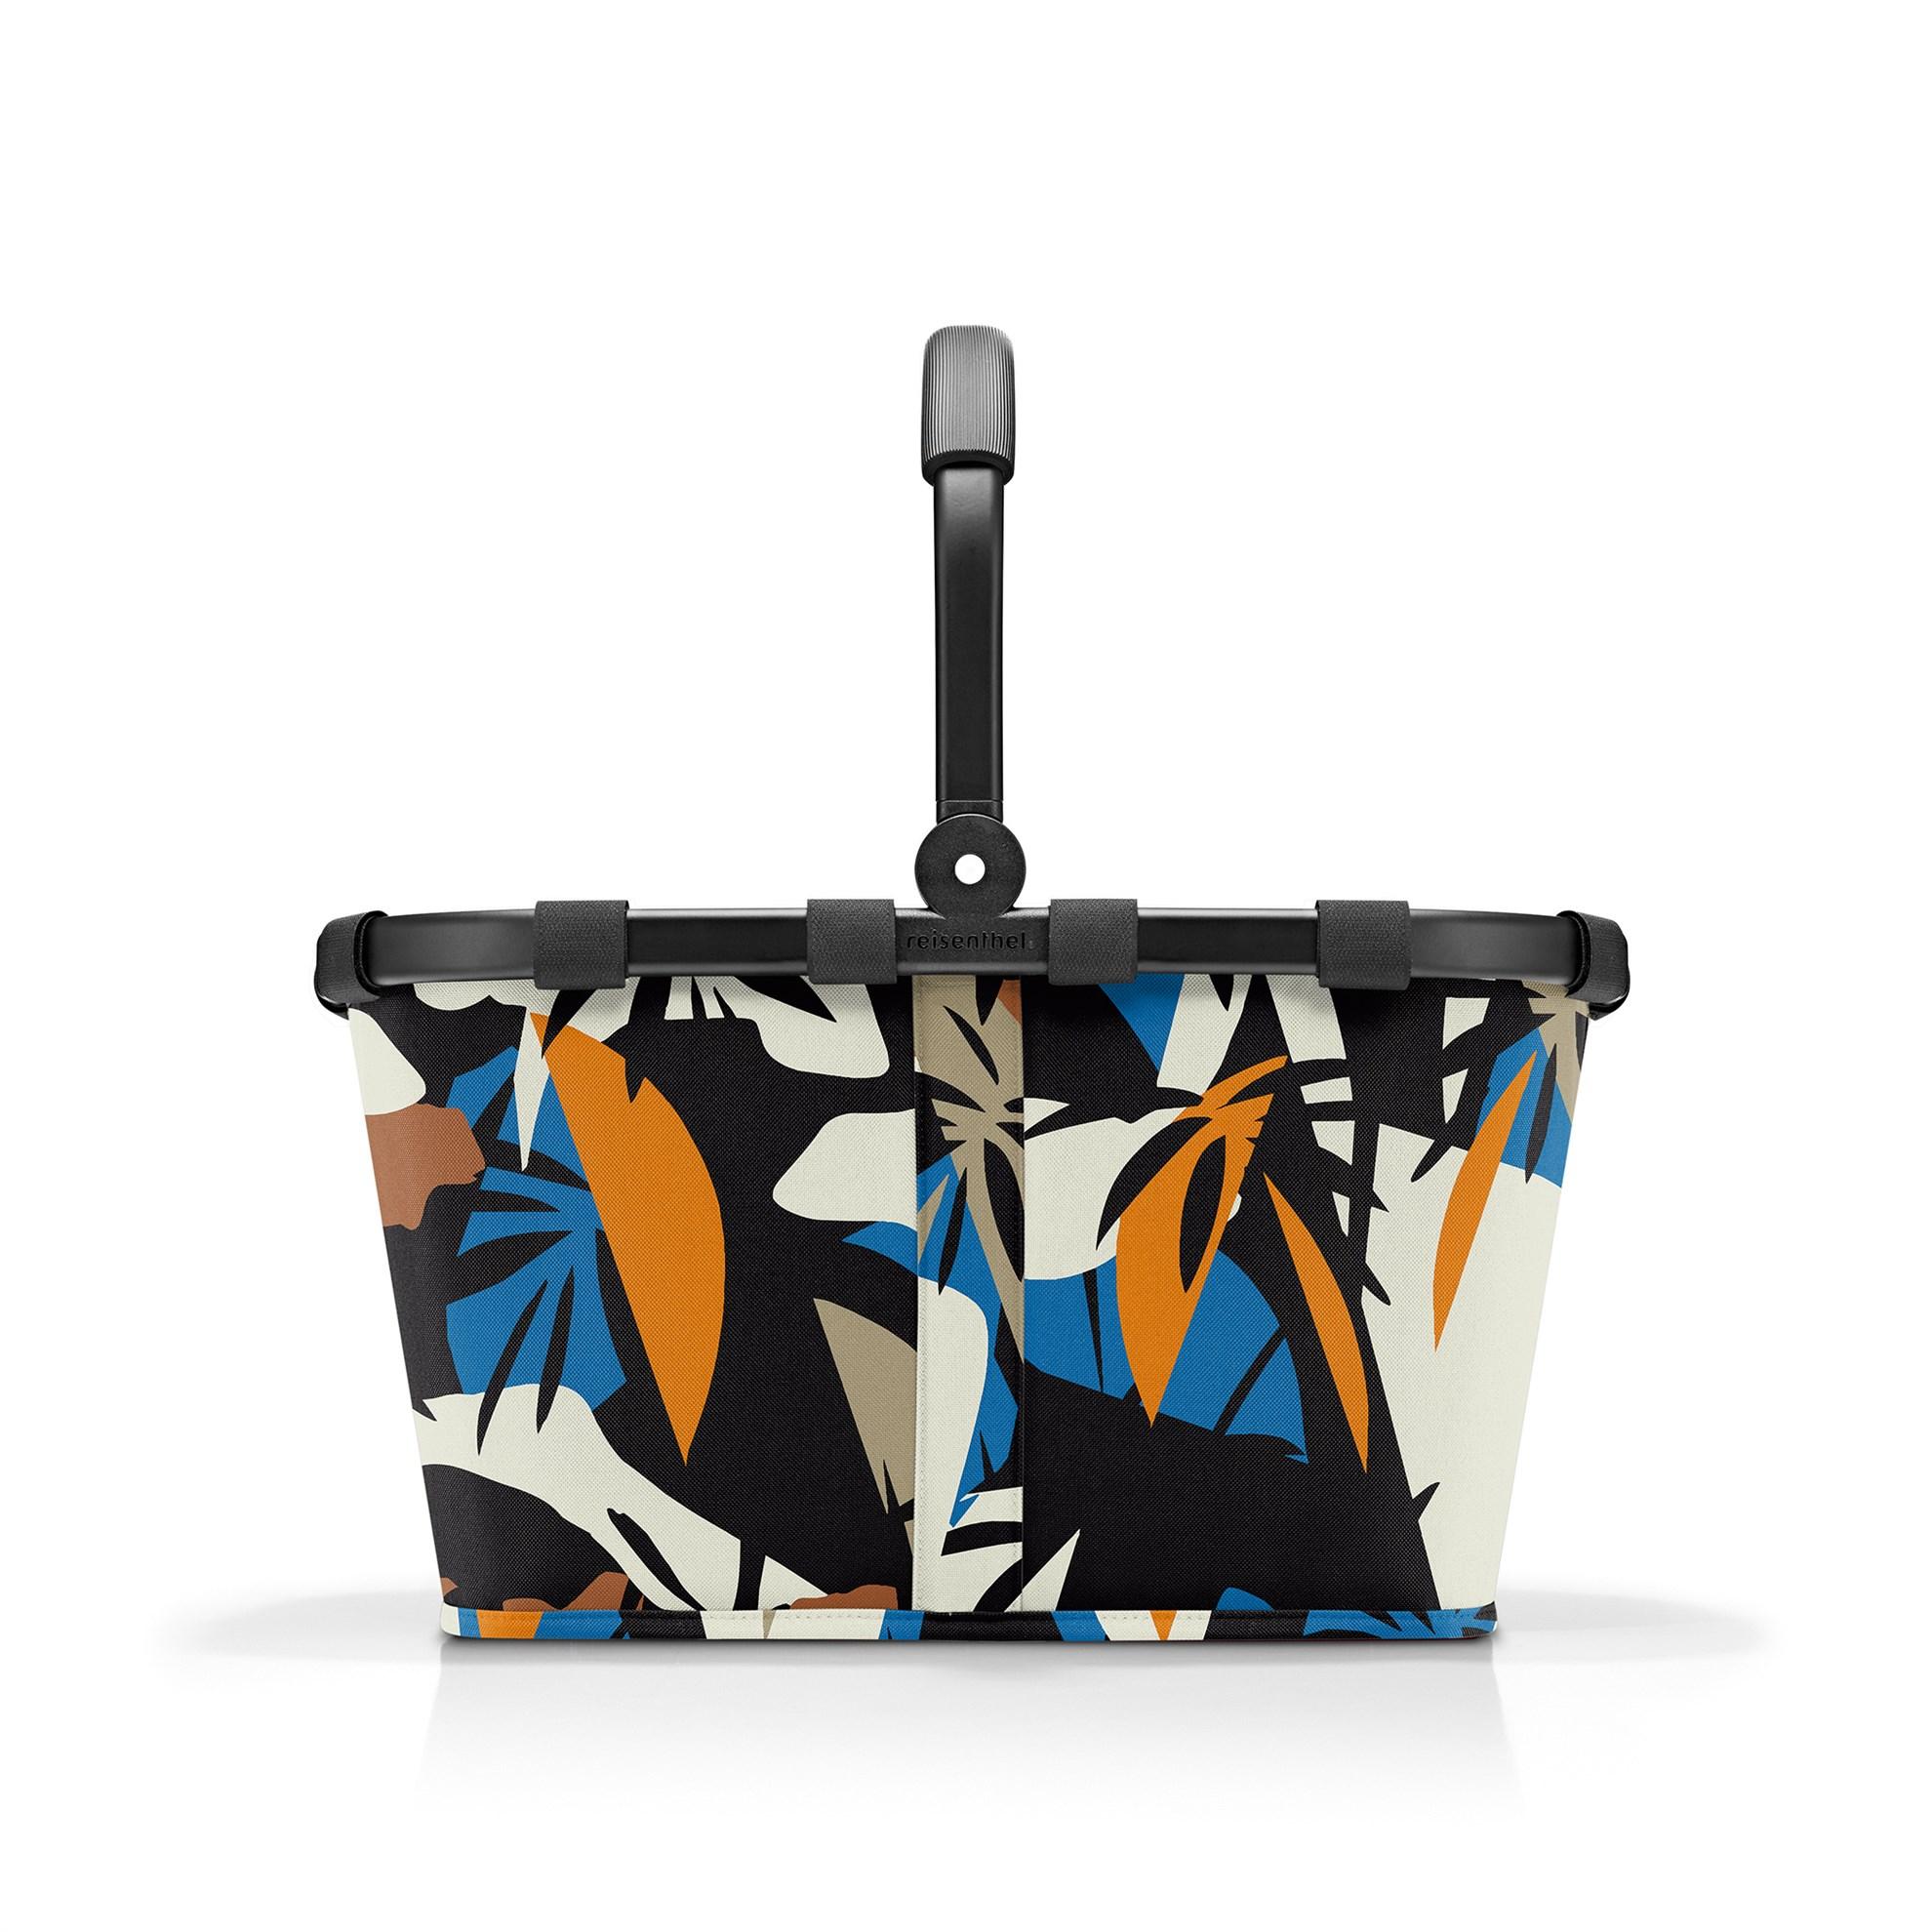 Nákupní košík Carrybag frame miami black_0